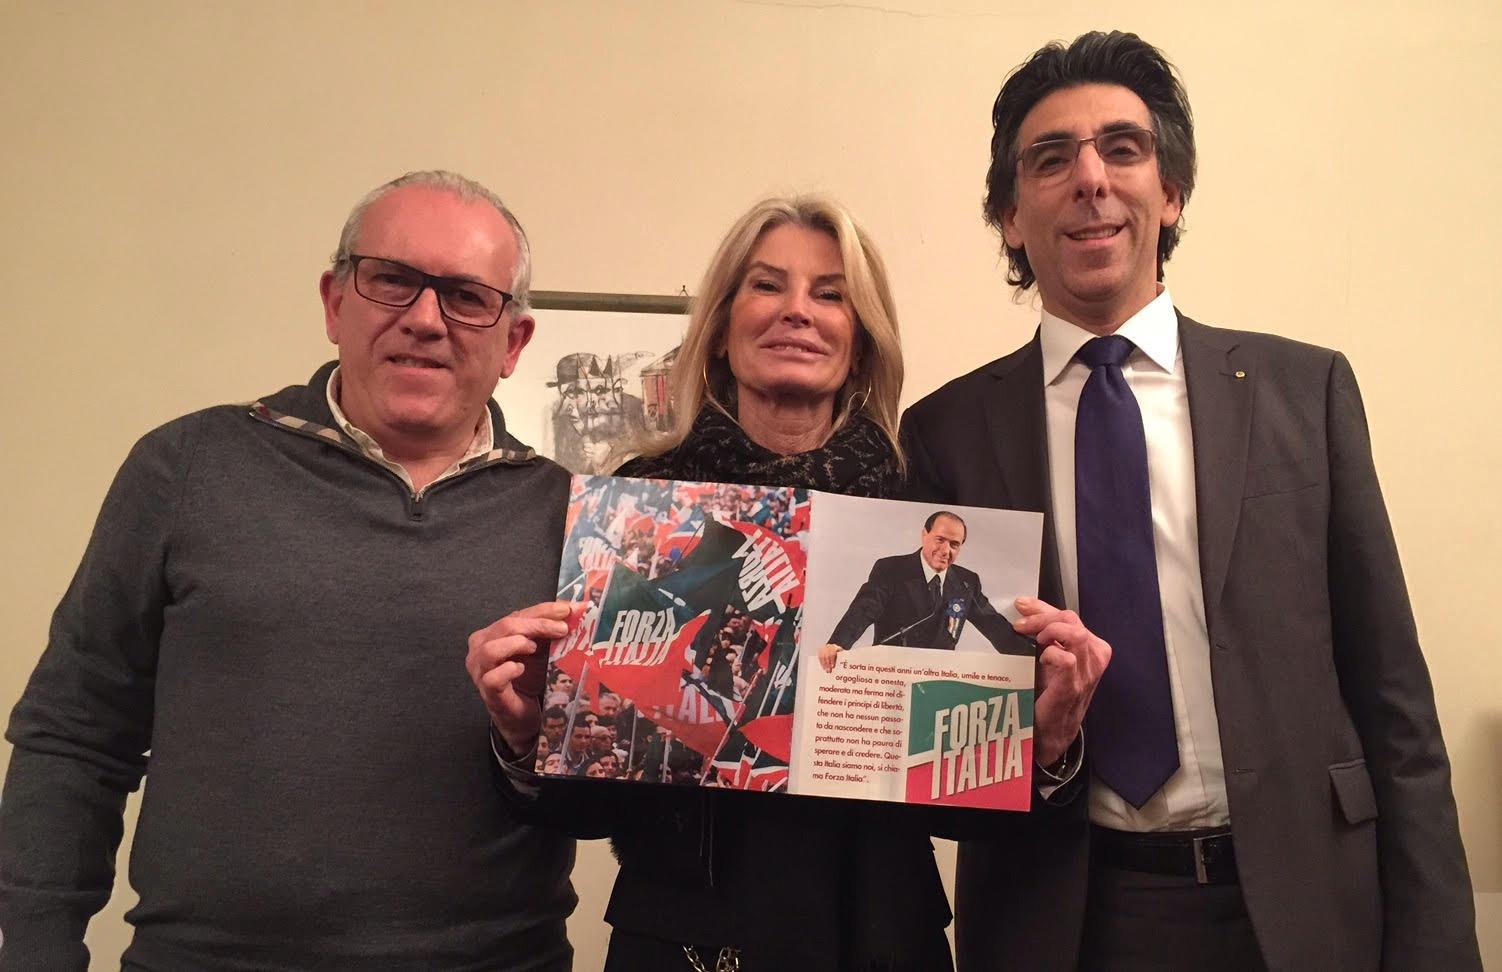 Ercole Zuccaro coordinatore provinciale di Forza Italia